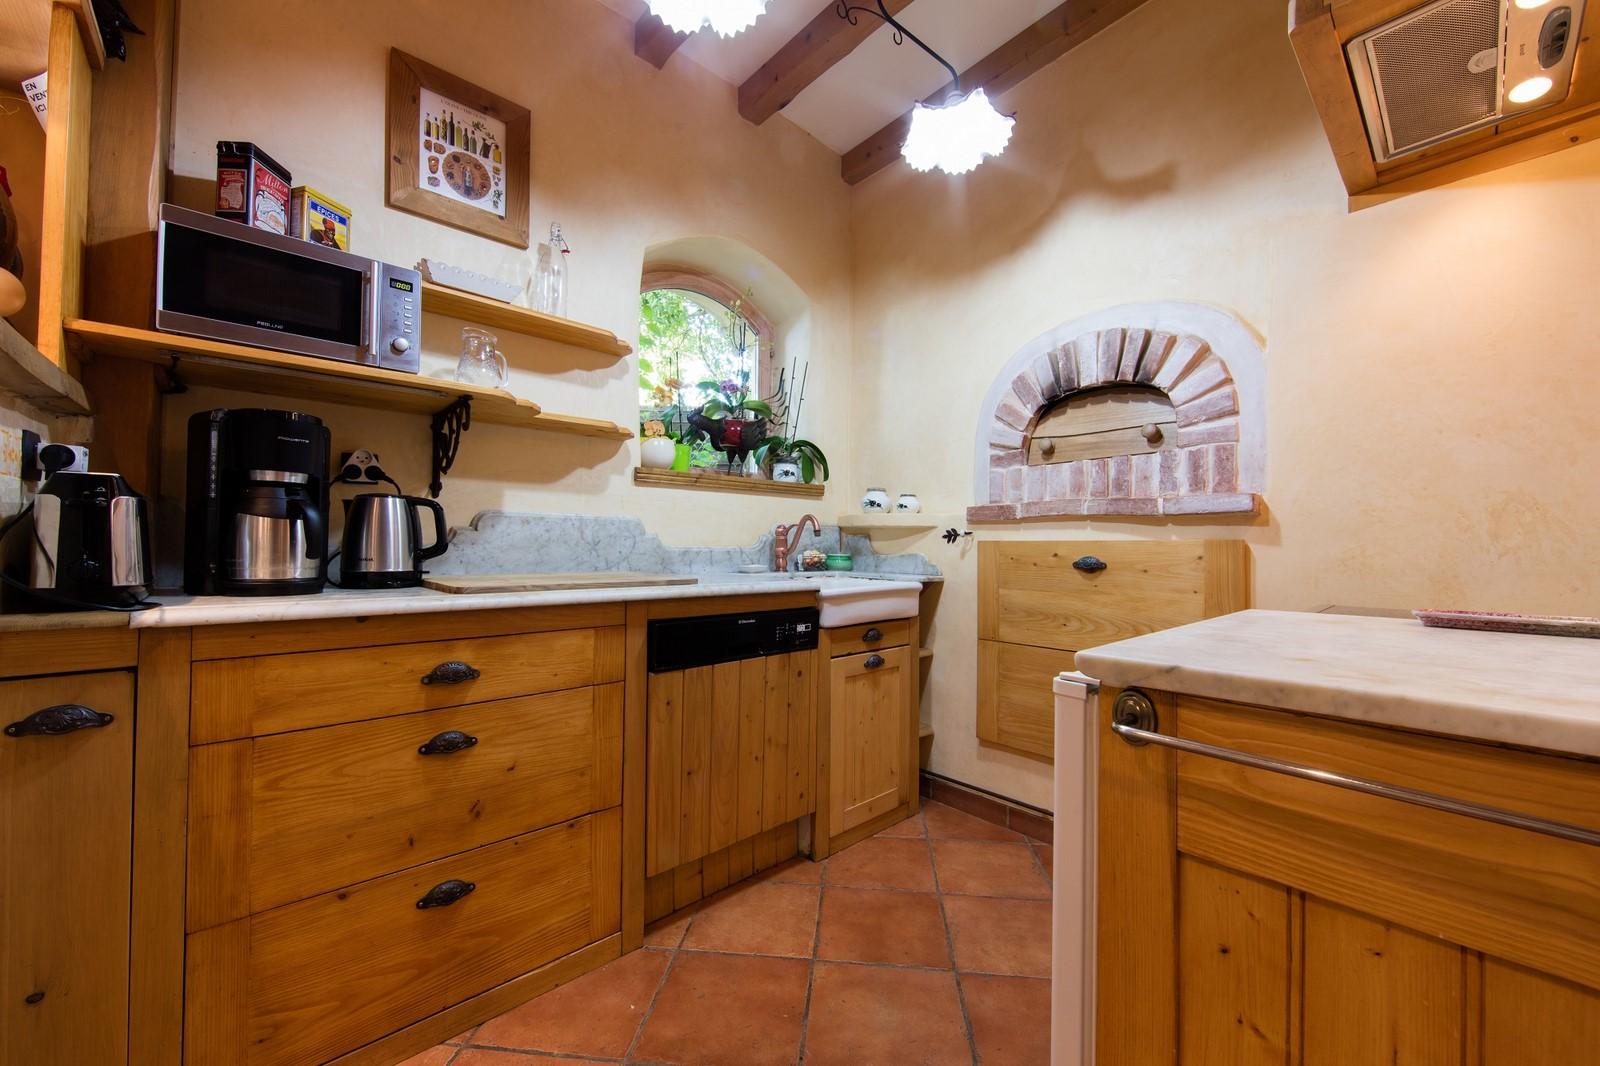 la cuisine du gite est quip e de tout le n cessaire pour cuisiner. Black Bedroom Furniture Sets. Home Design Ideas